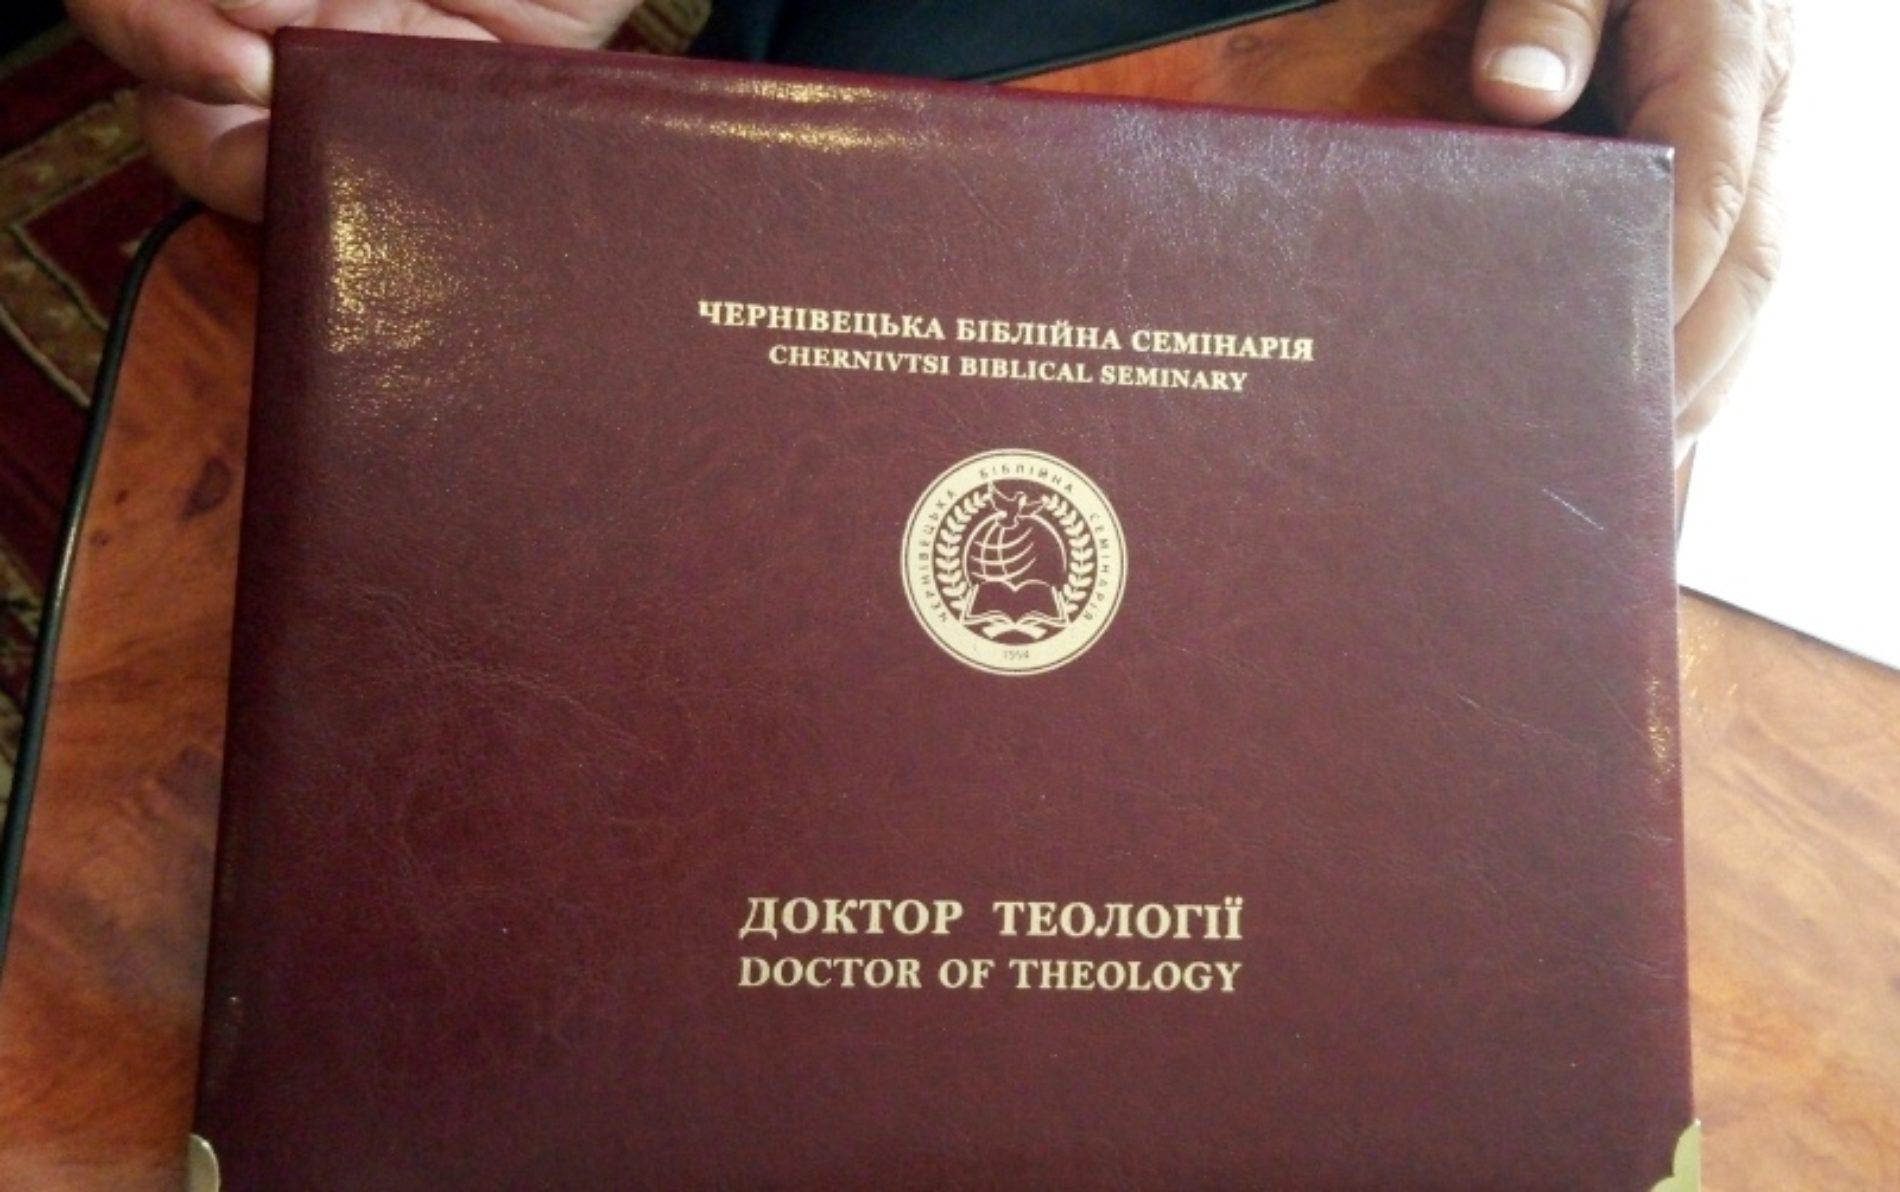 В Івано-Франківську вручили дипломи докторам богослов'я та служіння